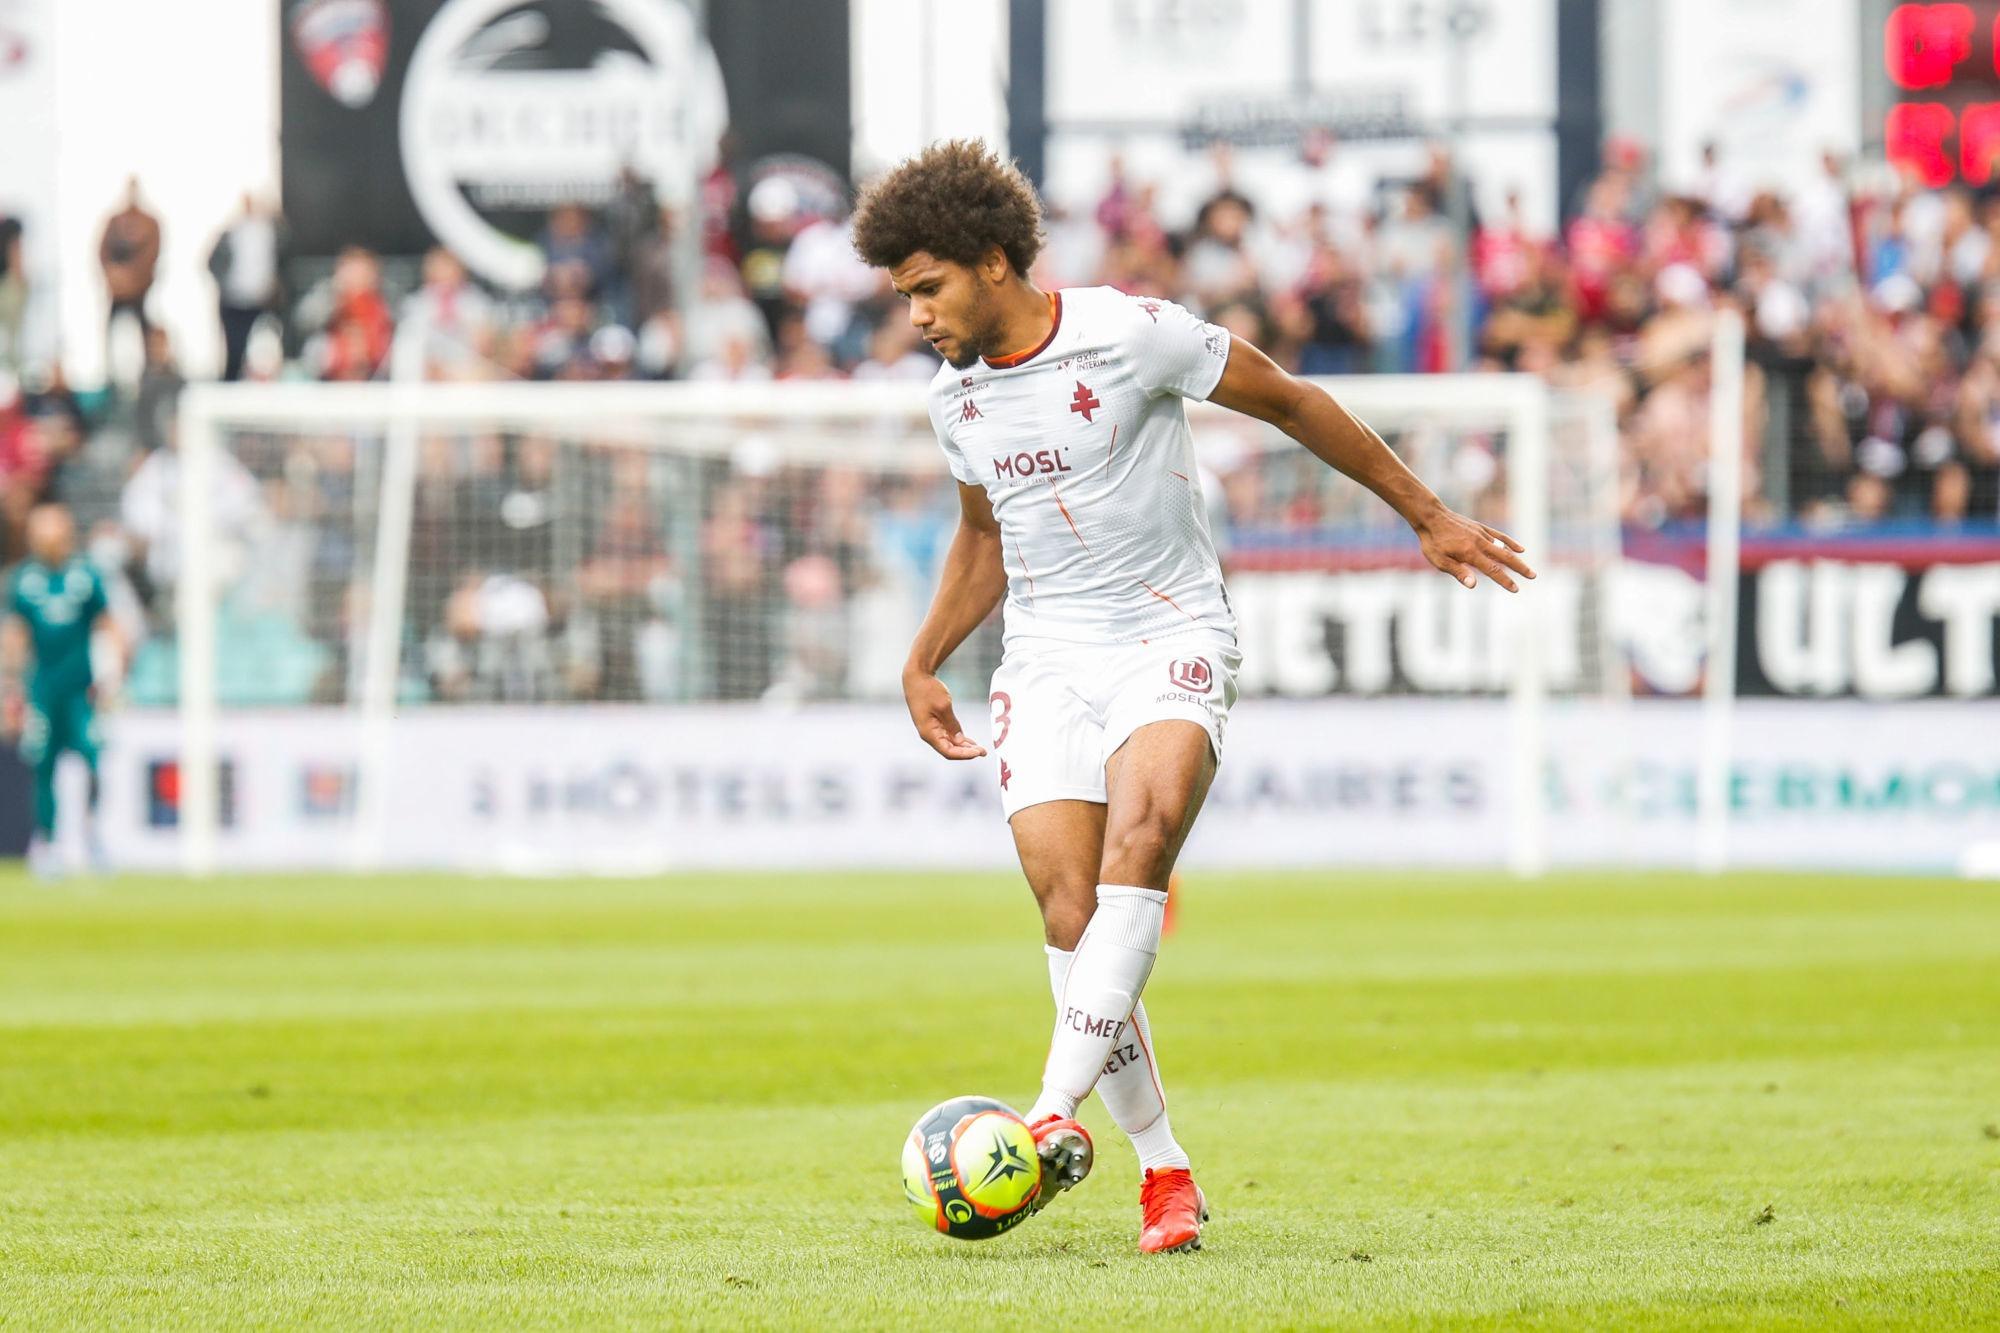 """Metz/PSG - Udol regrette la tension messine """"On fait des bêtises"""""""